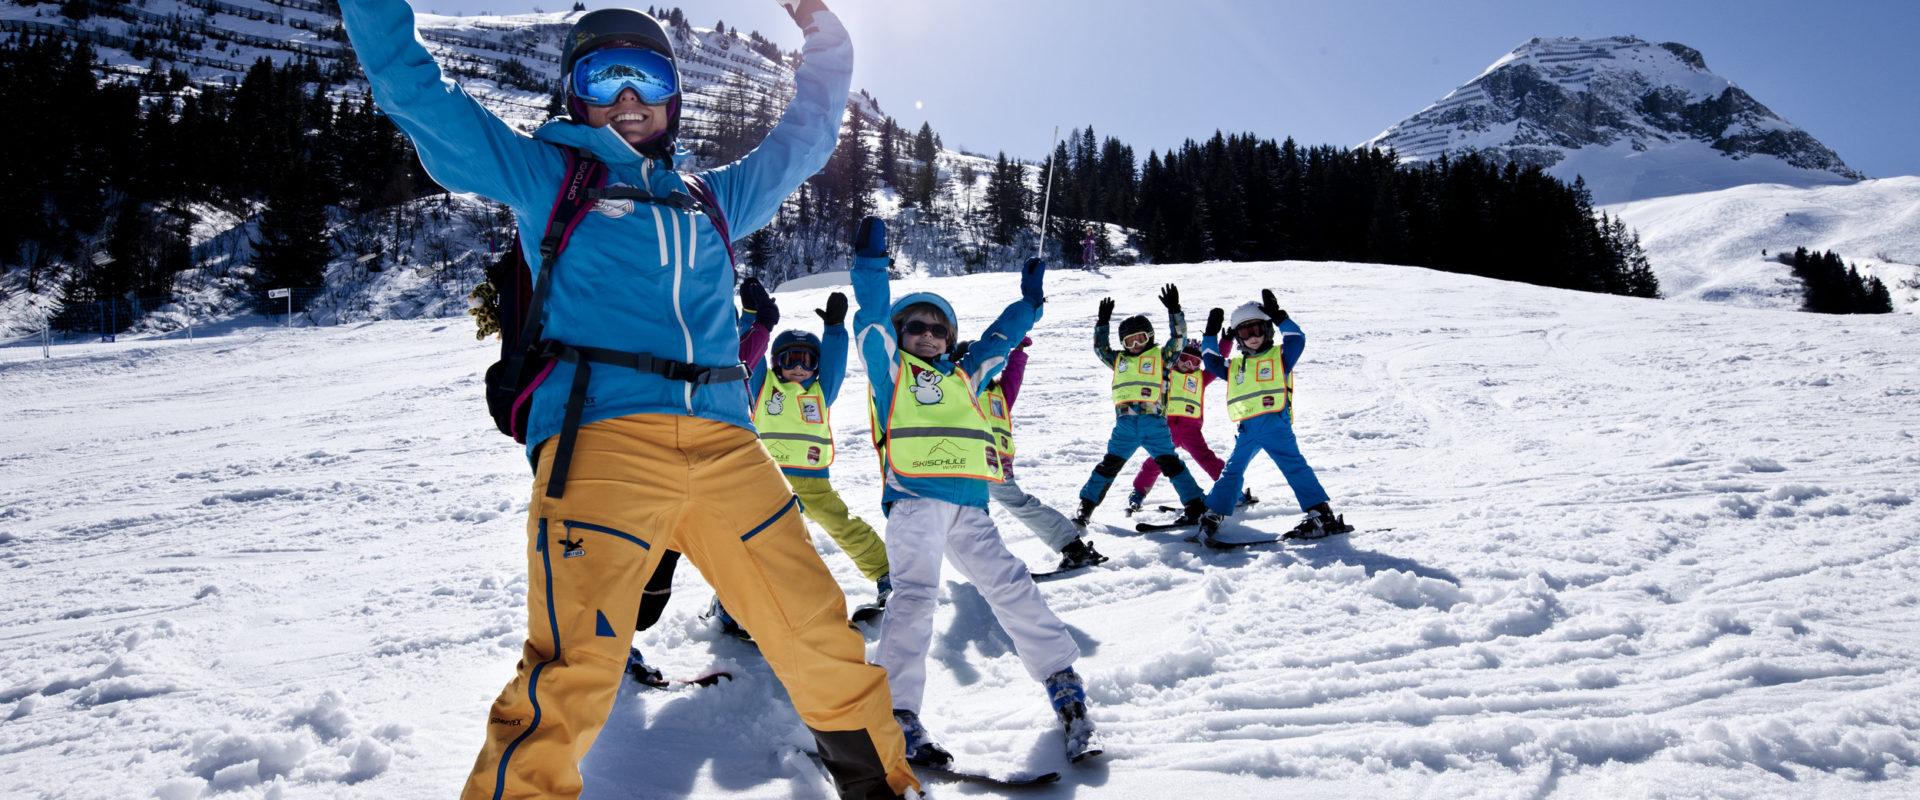 Skifahren Warth-Schroecken_skischule warth (4) © N.N. / Skischule Warth